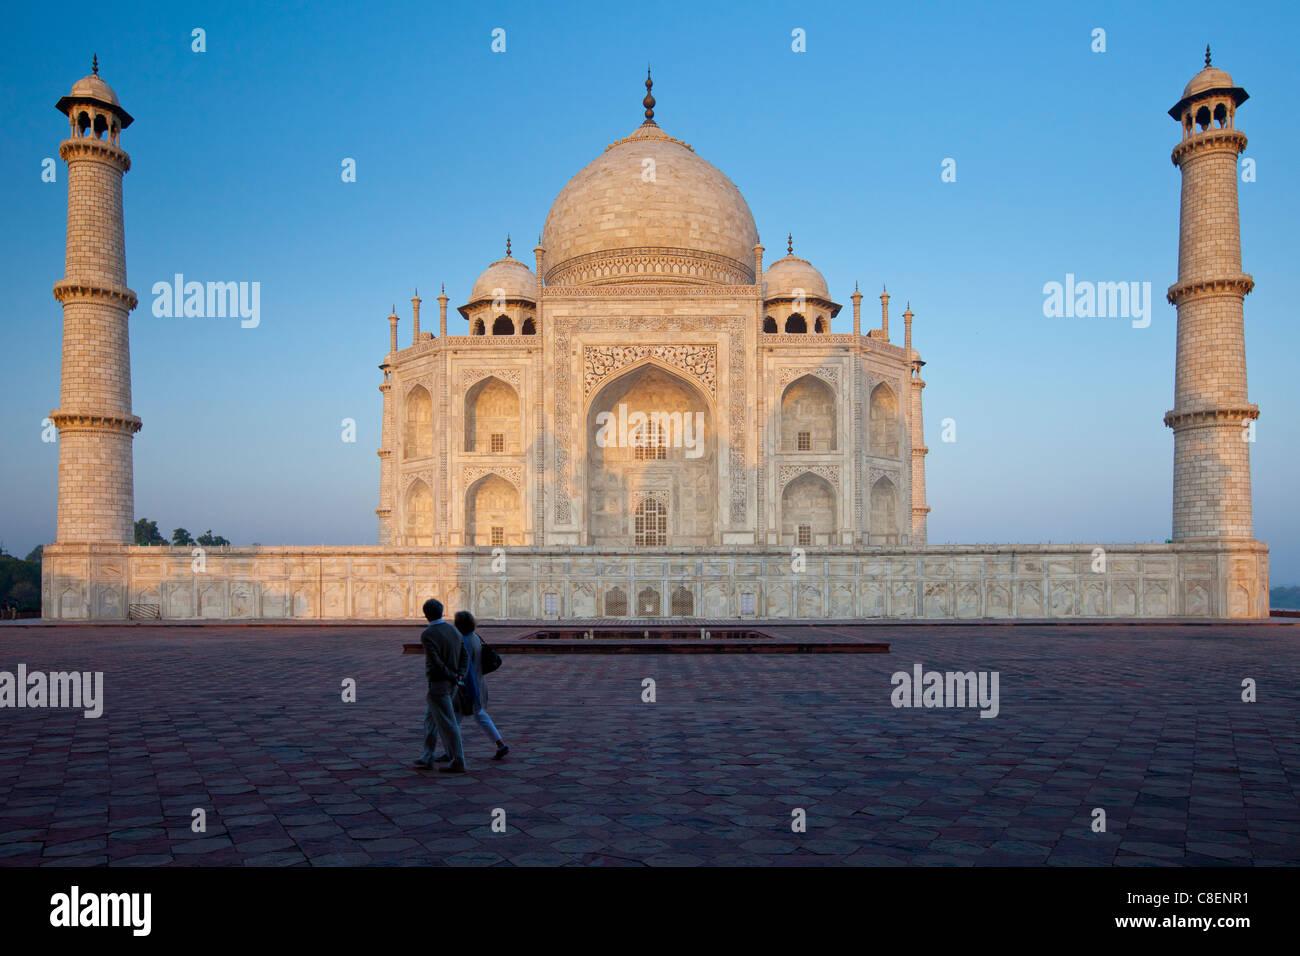 Il Taj Mahal mausoleo vista orientale (visto dal Taj Mahal moschea), Uttar Pradesh, India Immagini Stock